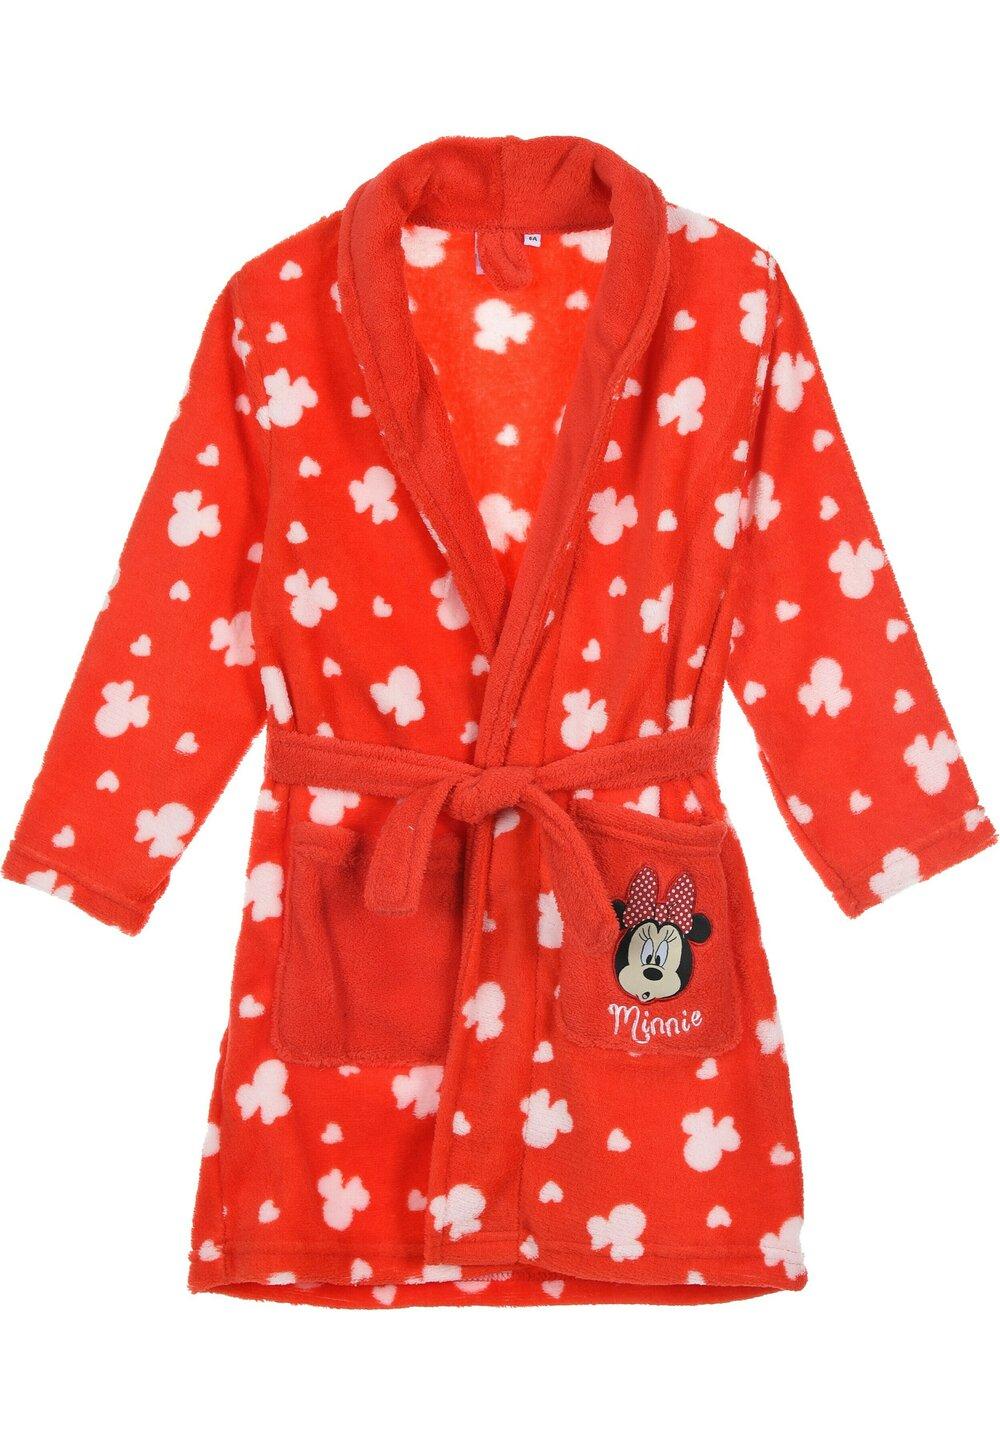 Halat de baie, Minnie Mouse, rosu cu alb imagine